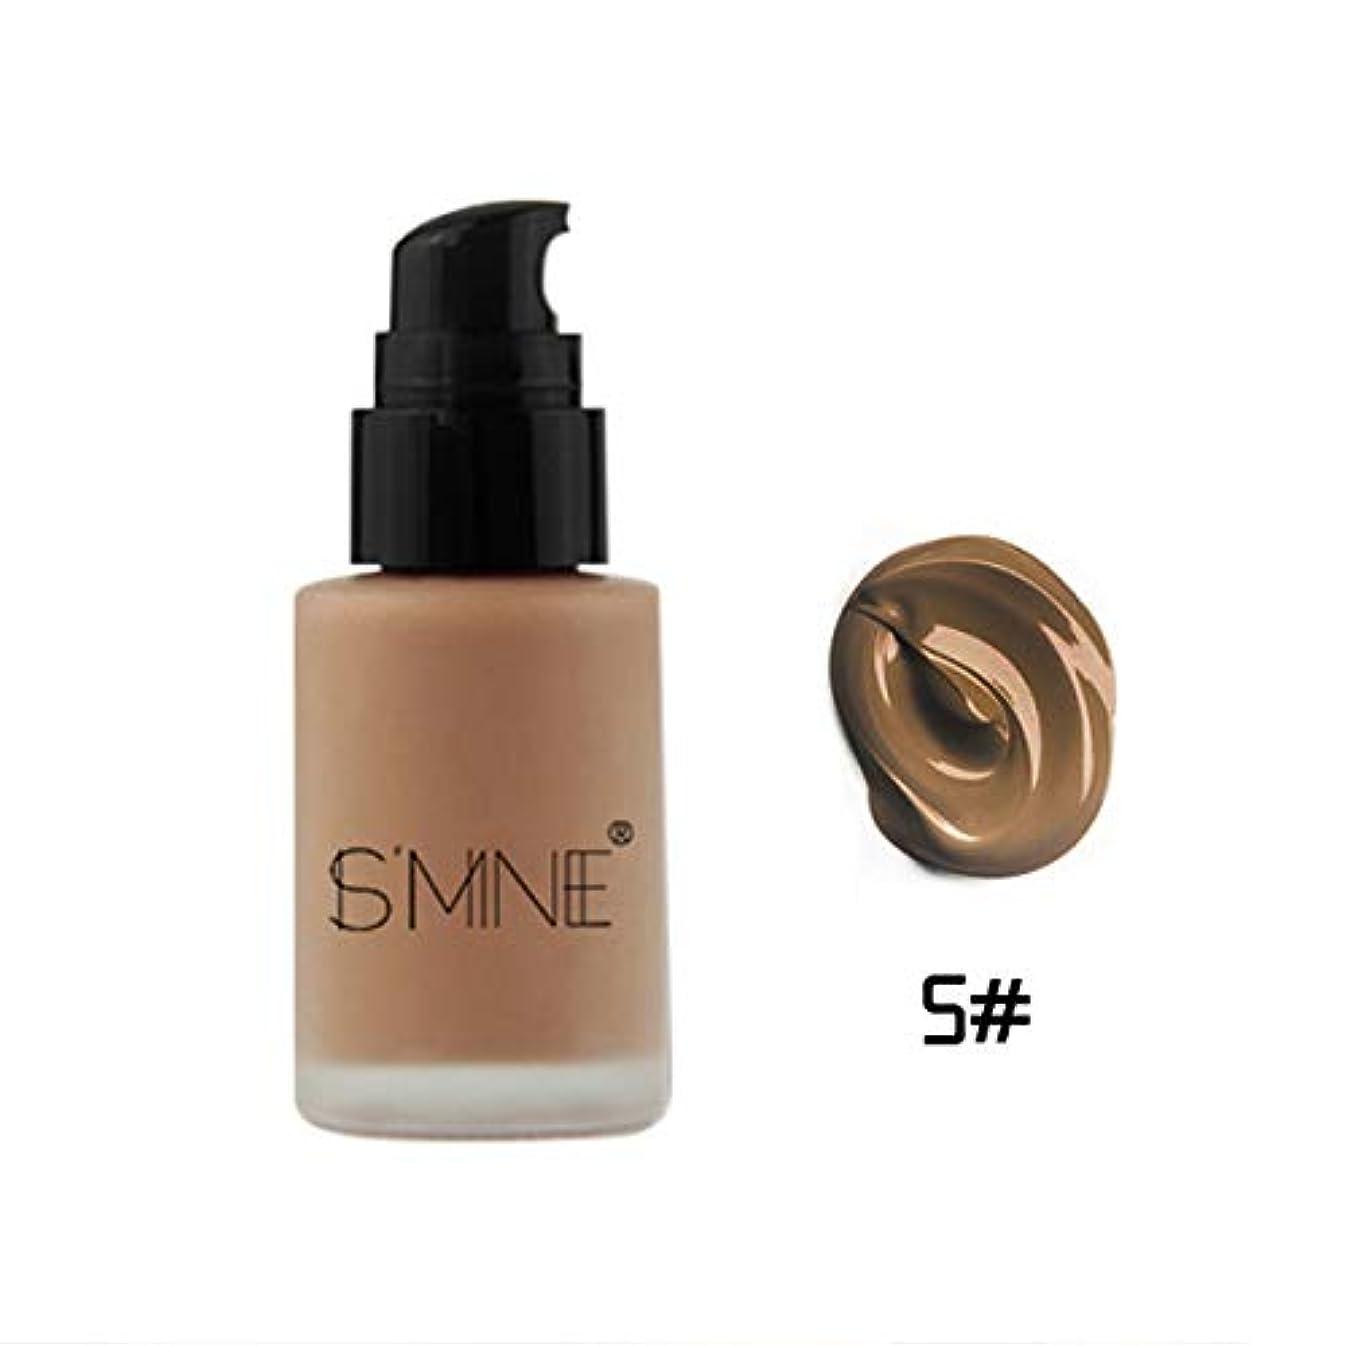 会社インシュレータ砂のSymboat BBクリーム 女性 フェイスコンシーラー 美白 保湿 防水 ロングラスティングメイクアップ 健康的な自然な肌色 素肌感 化粧品